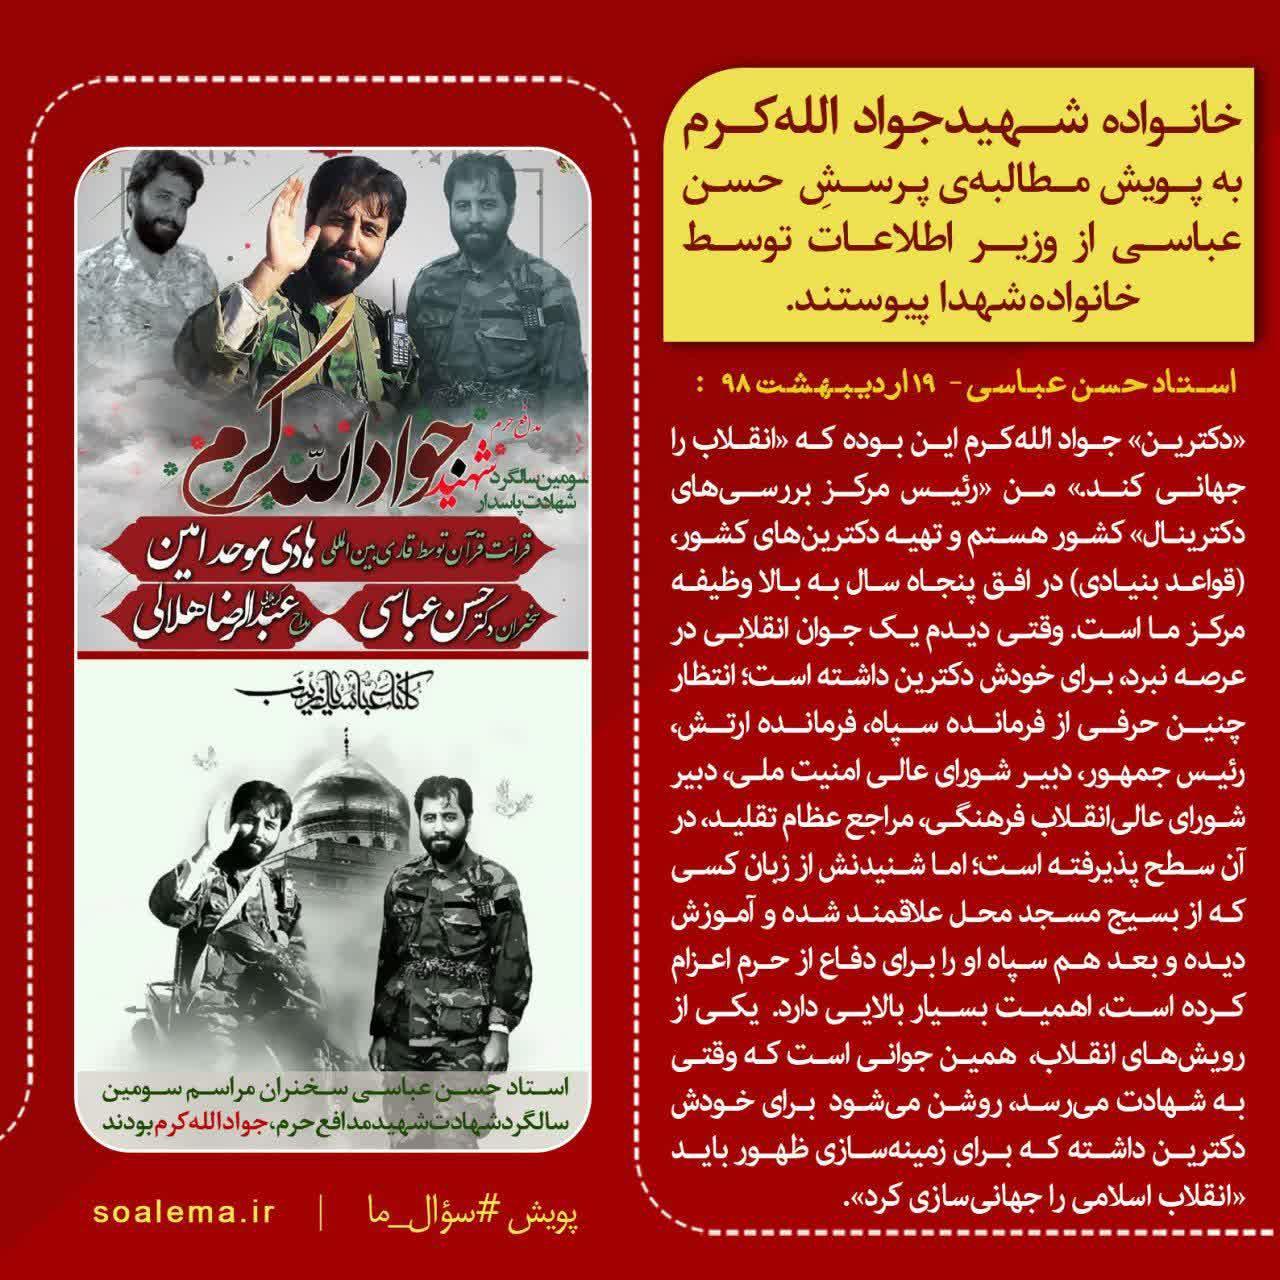 http://dl-abbasi.ir/yekta/1398/Graphic/Shohada/Shakhes12.jpg